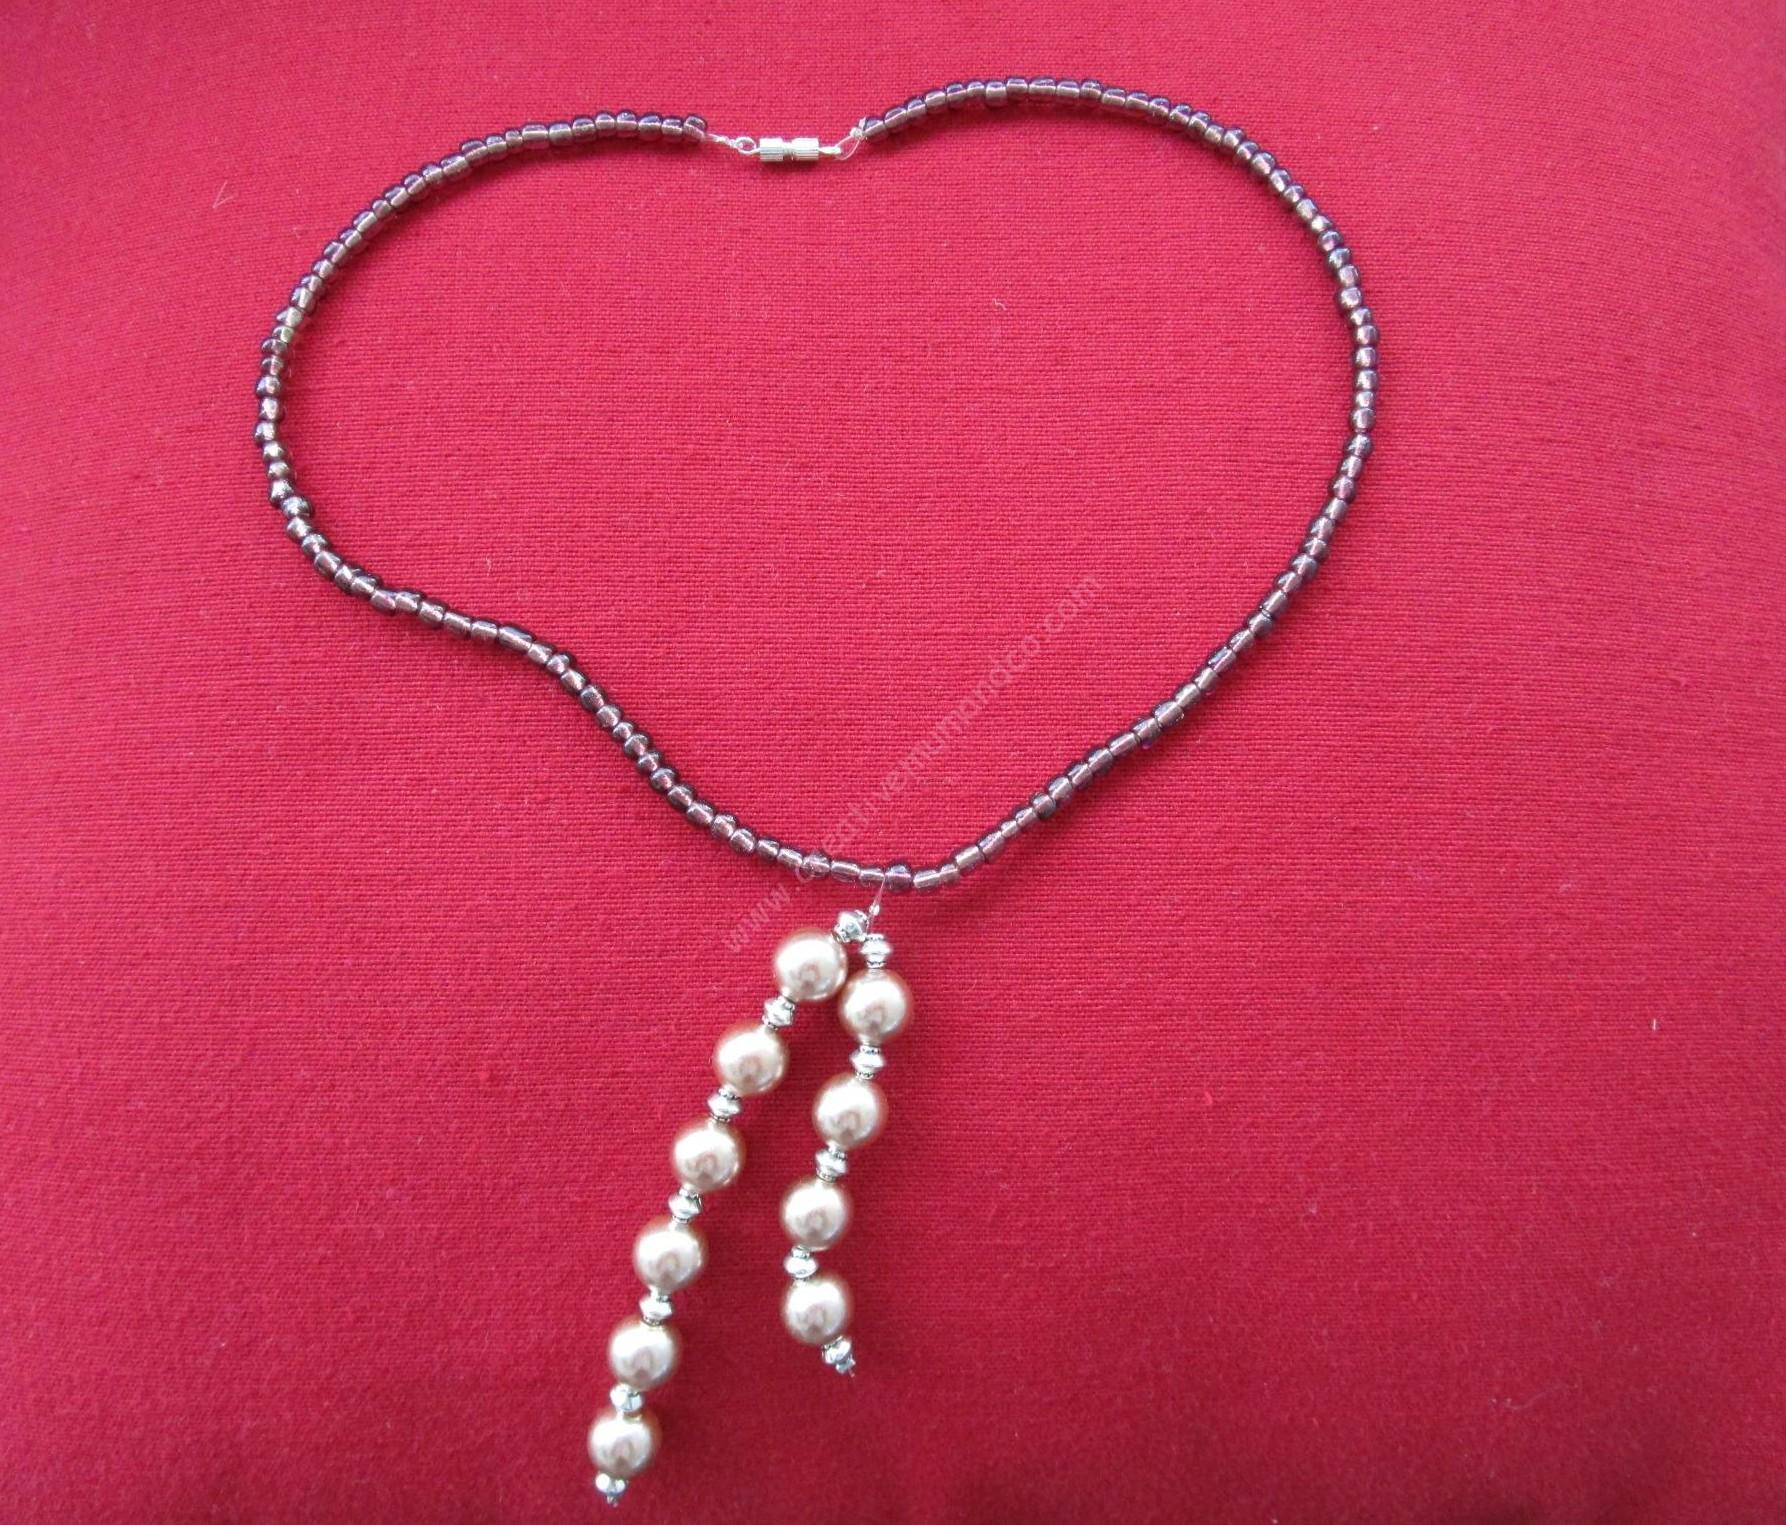 Diy un collier de perles tr s facile r aliser cr ation solidaire - Creation facile a realiser ...